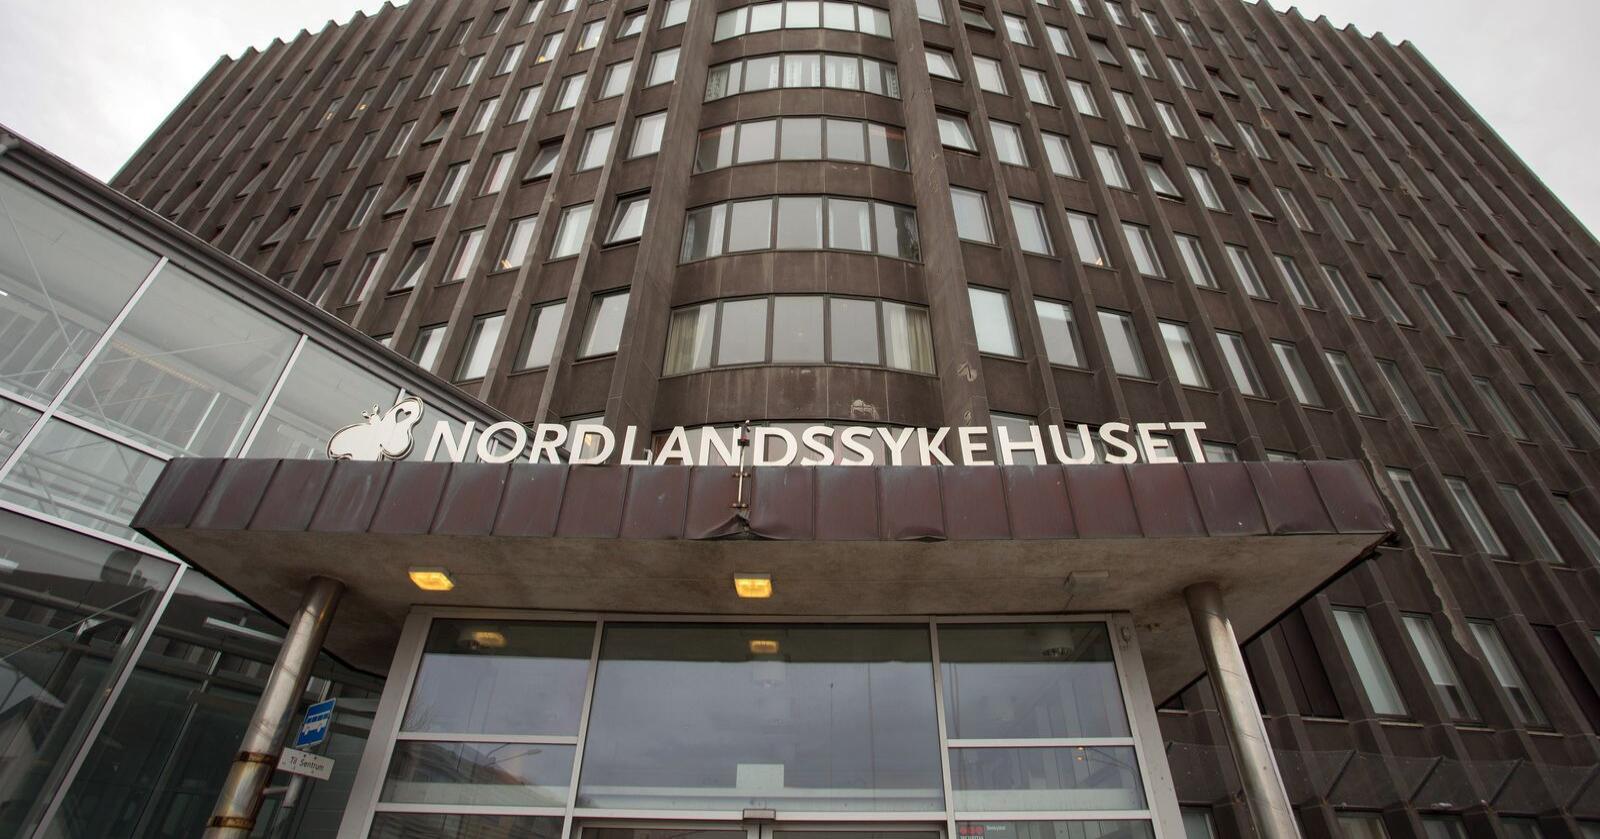 Nordlandssykehuset har en utfordring med høye og økende antall overtidstimer i bilambulansetjenesten. Arkivfoto: Tommy Angelsen / NTB scanpix